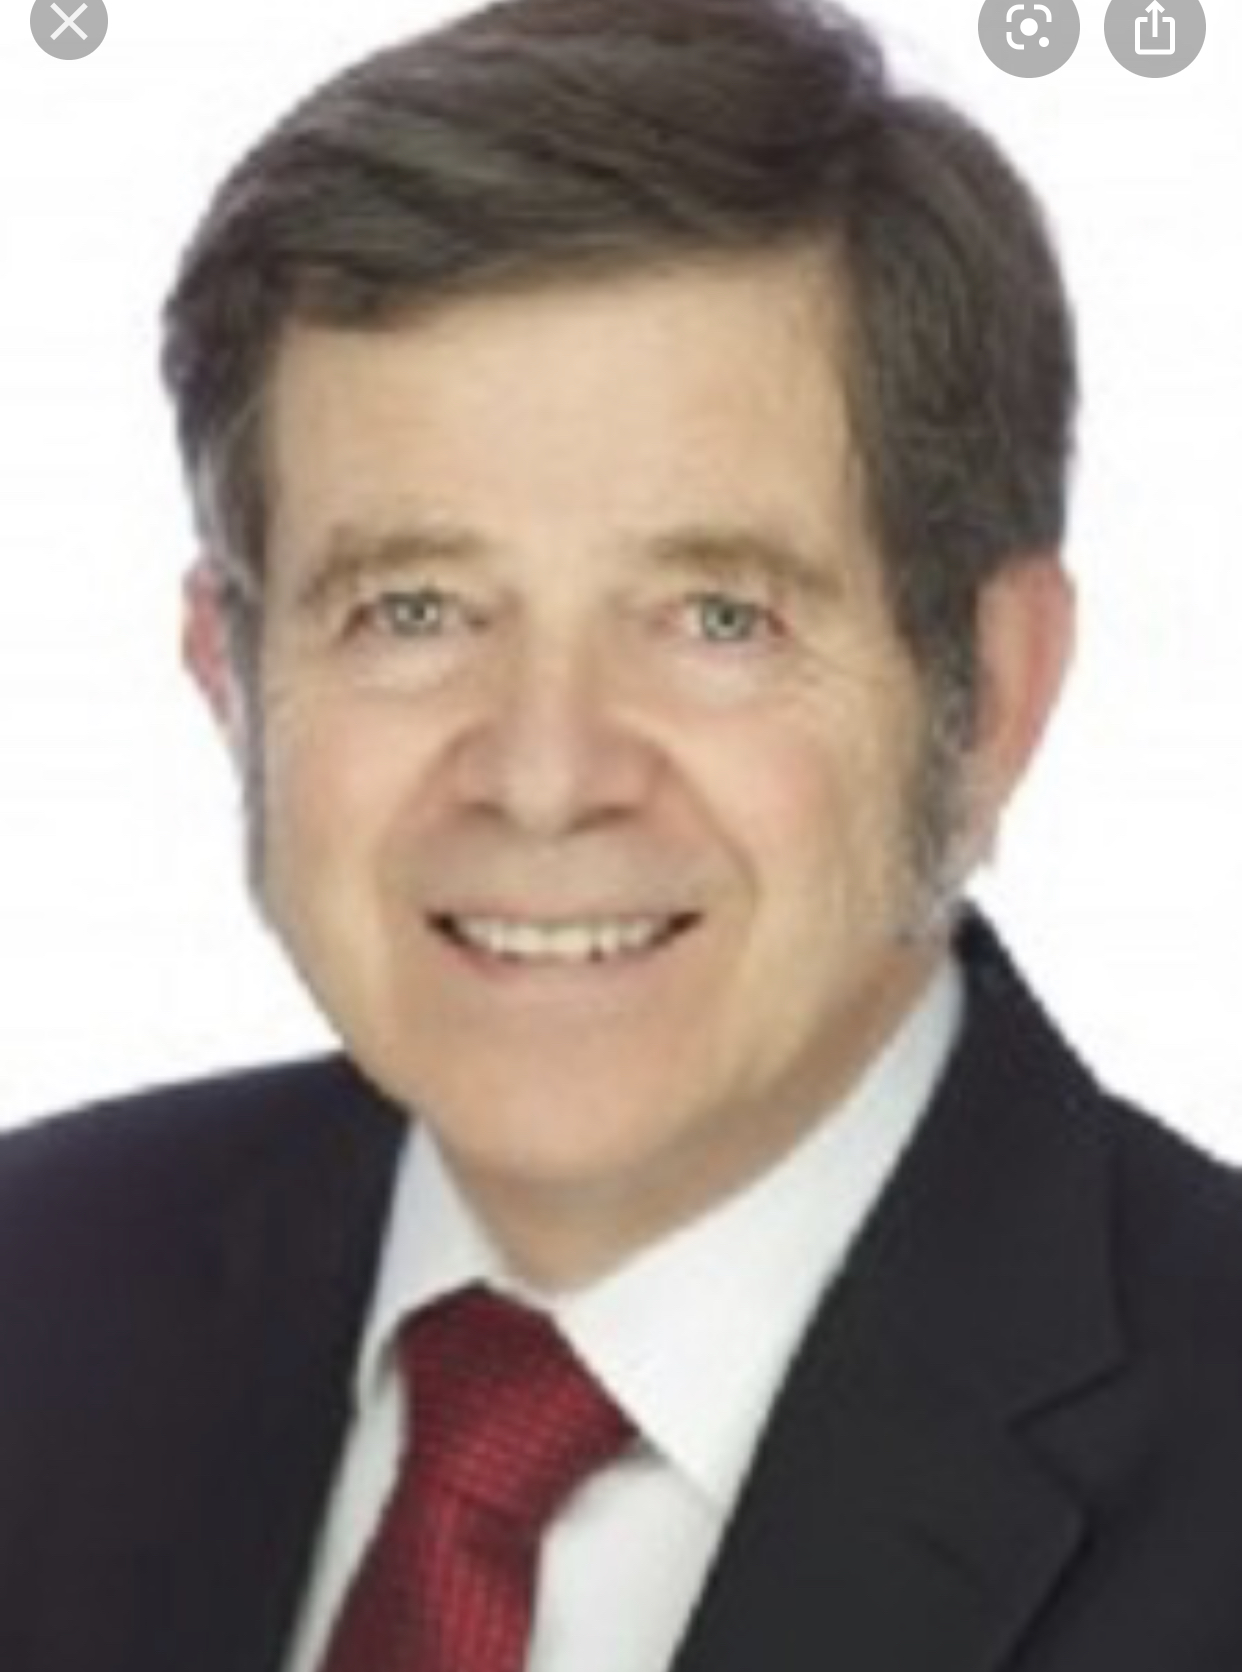 Ian Mclean LSUC/LSO Lawyer